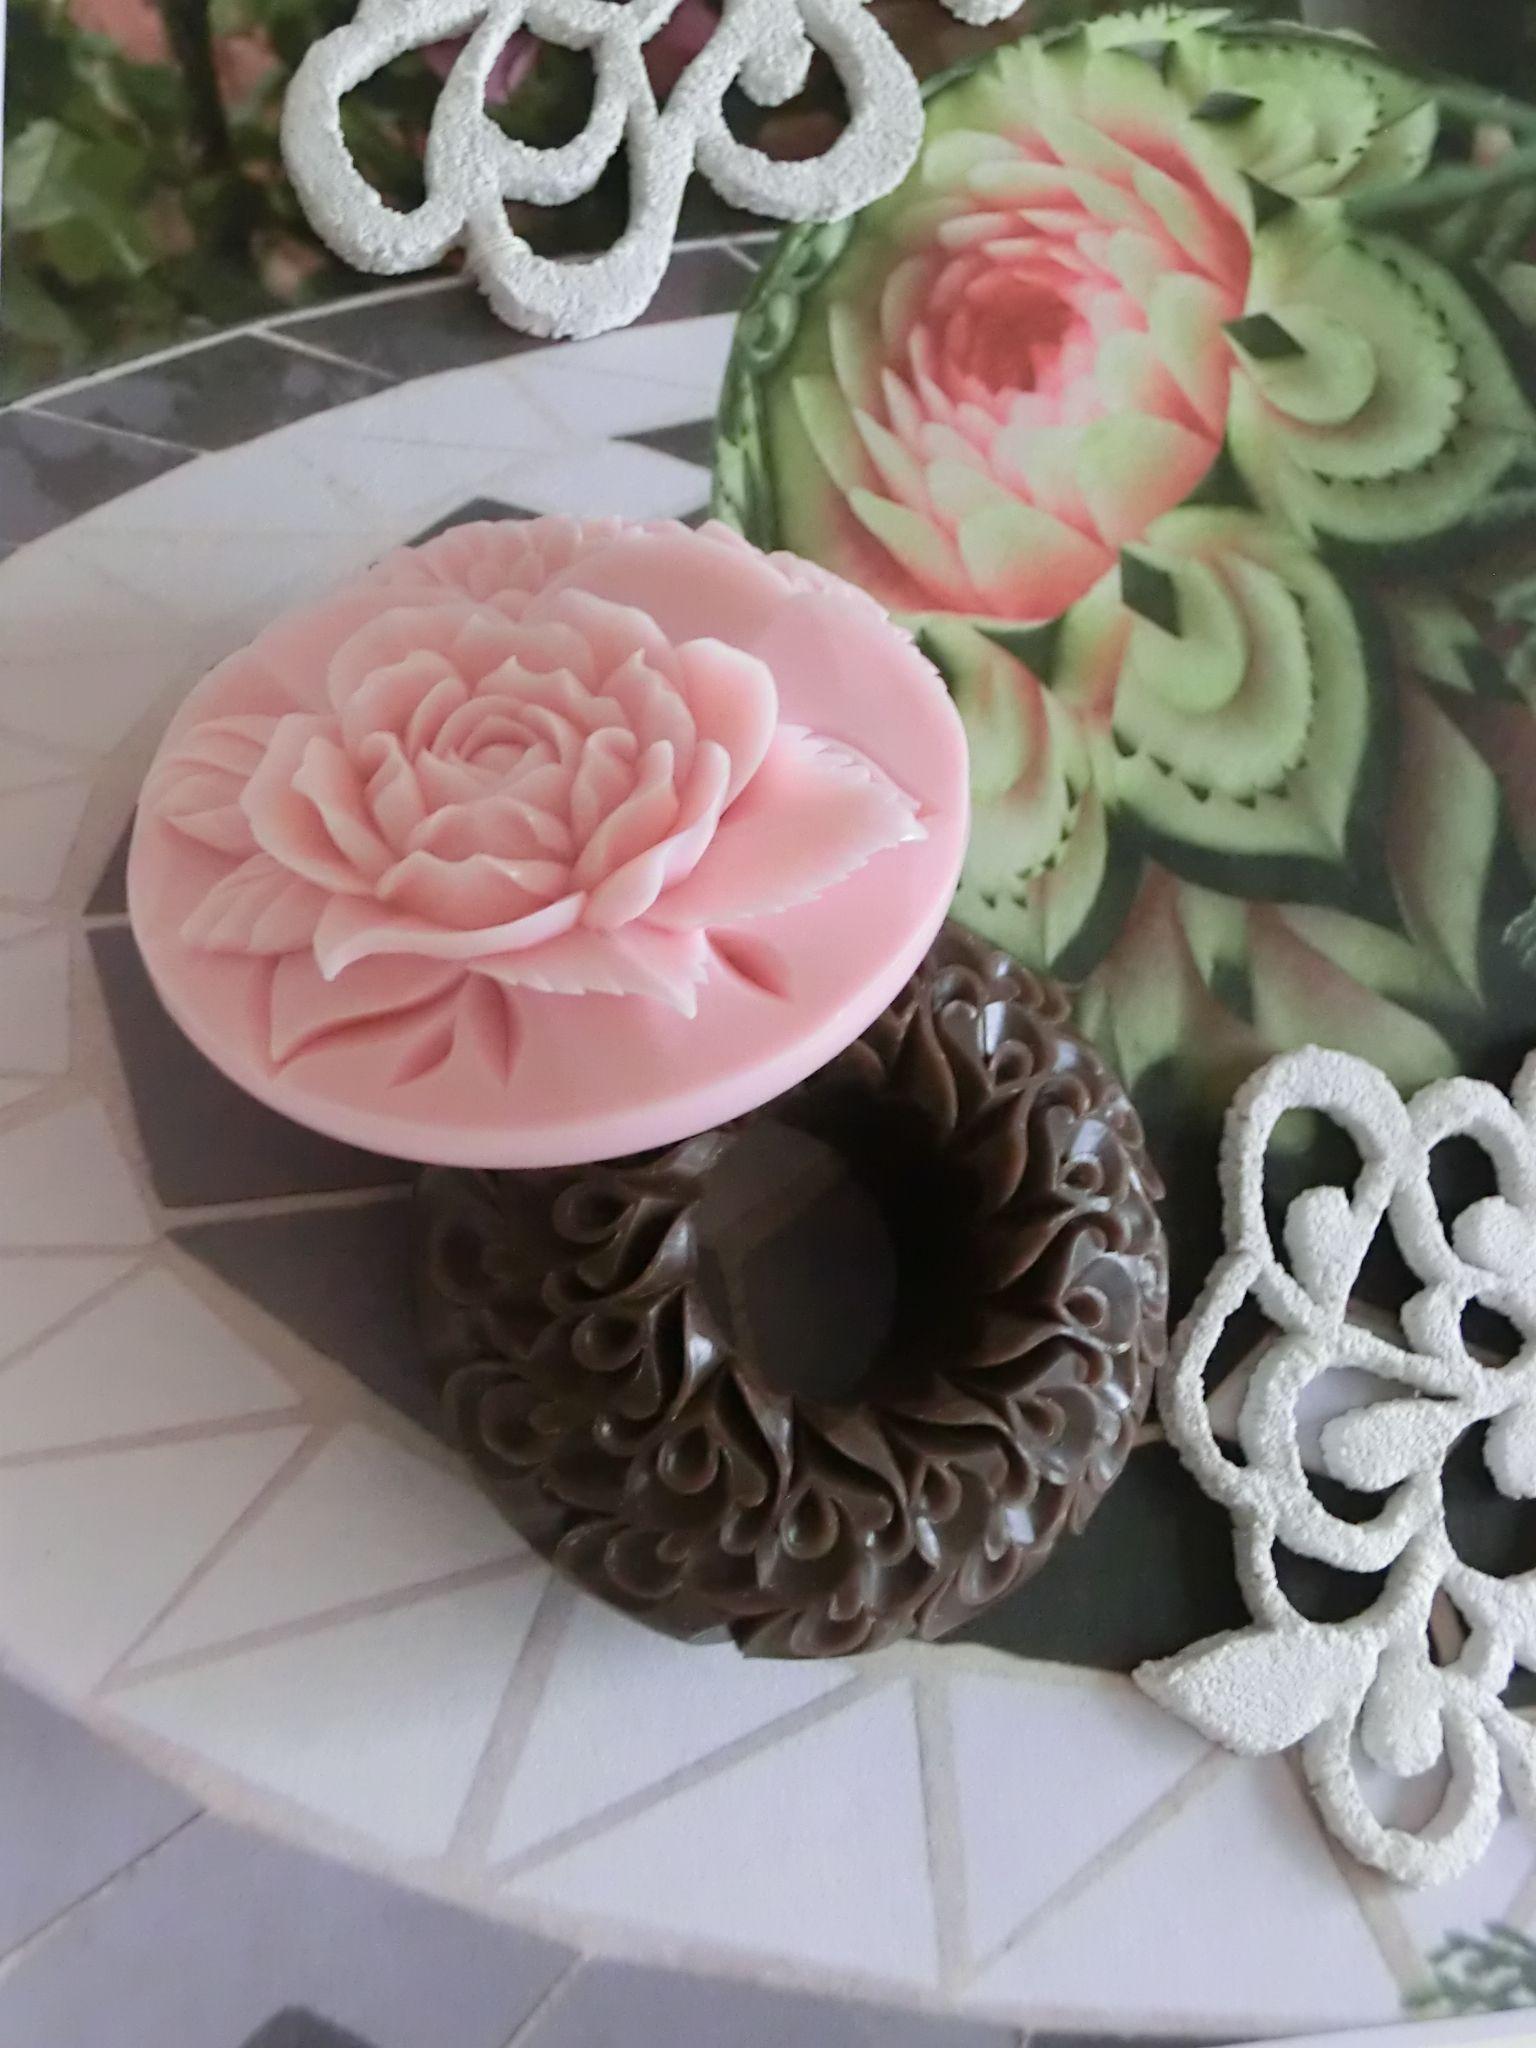 Soap かたちつくり soap art pinterest